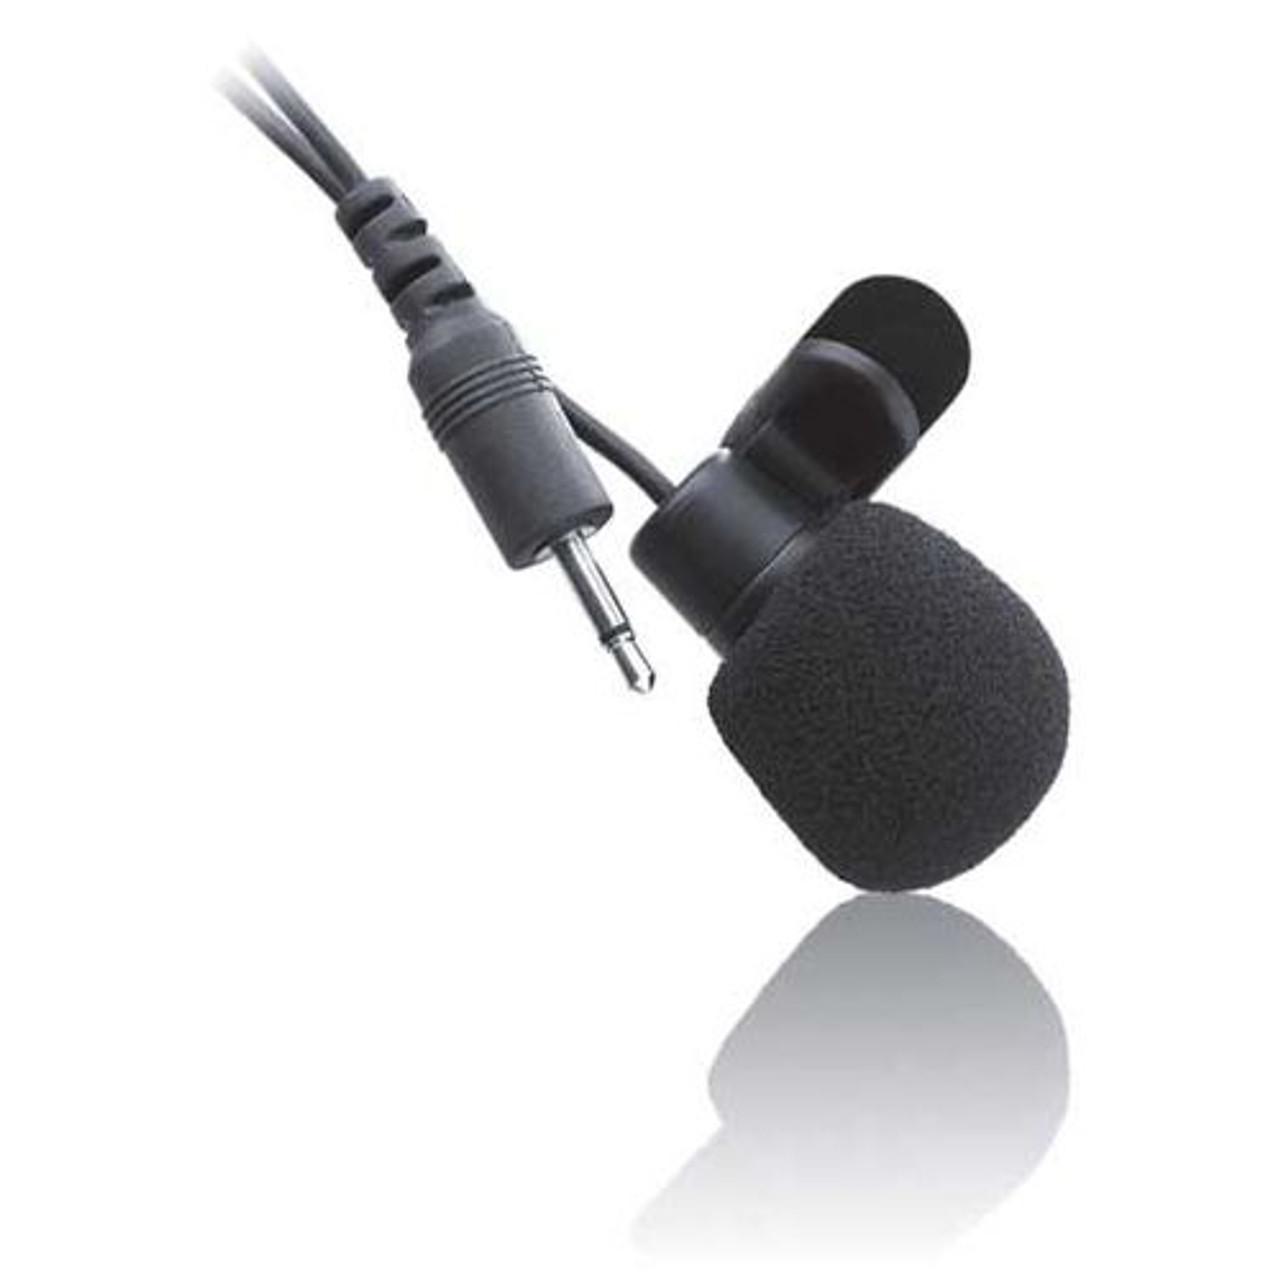 Bellman Audio External Microphone